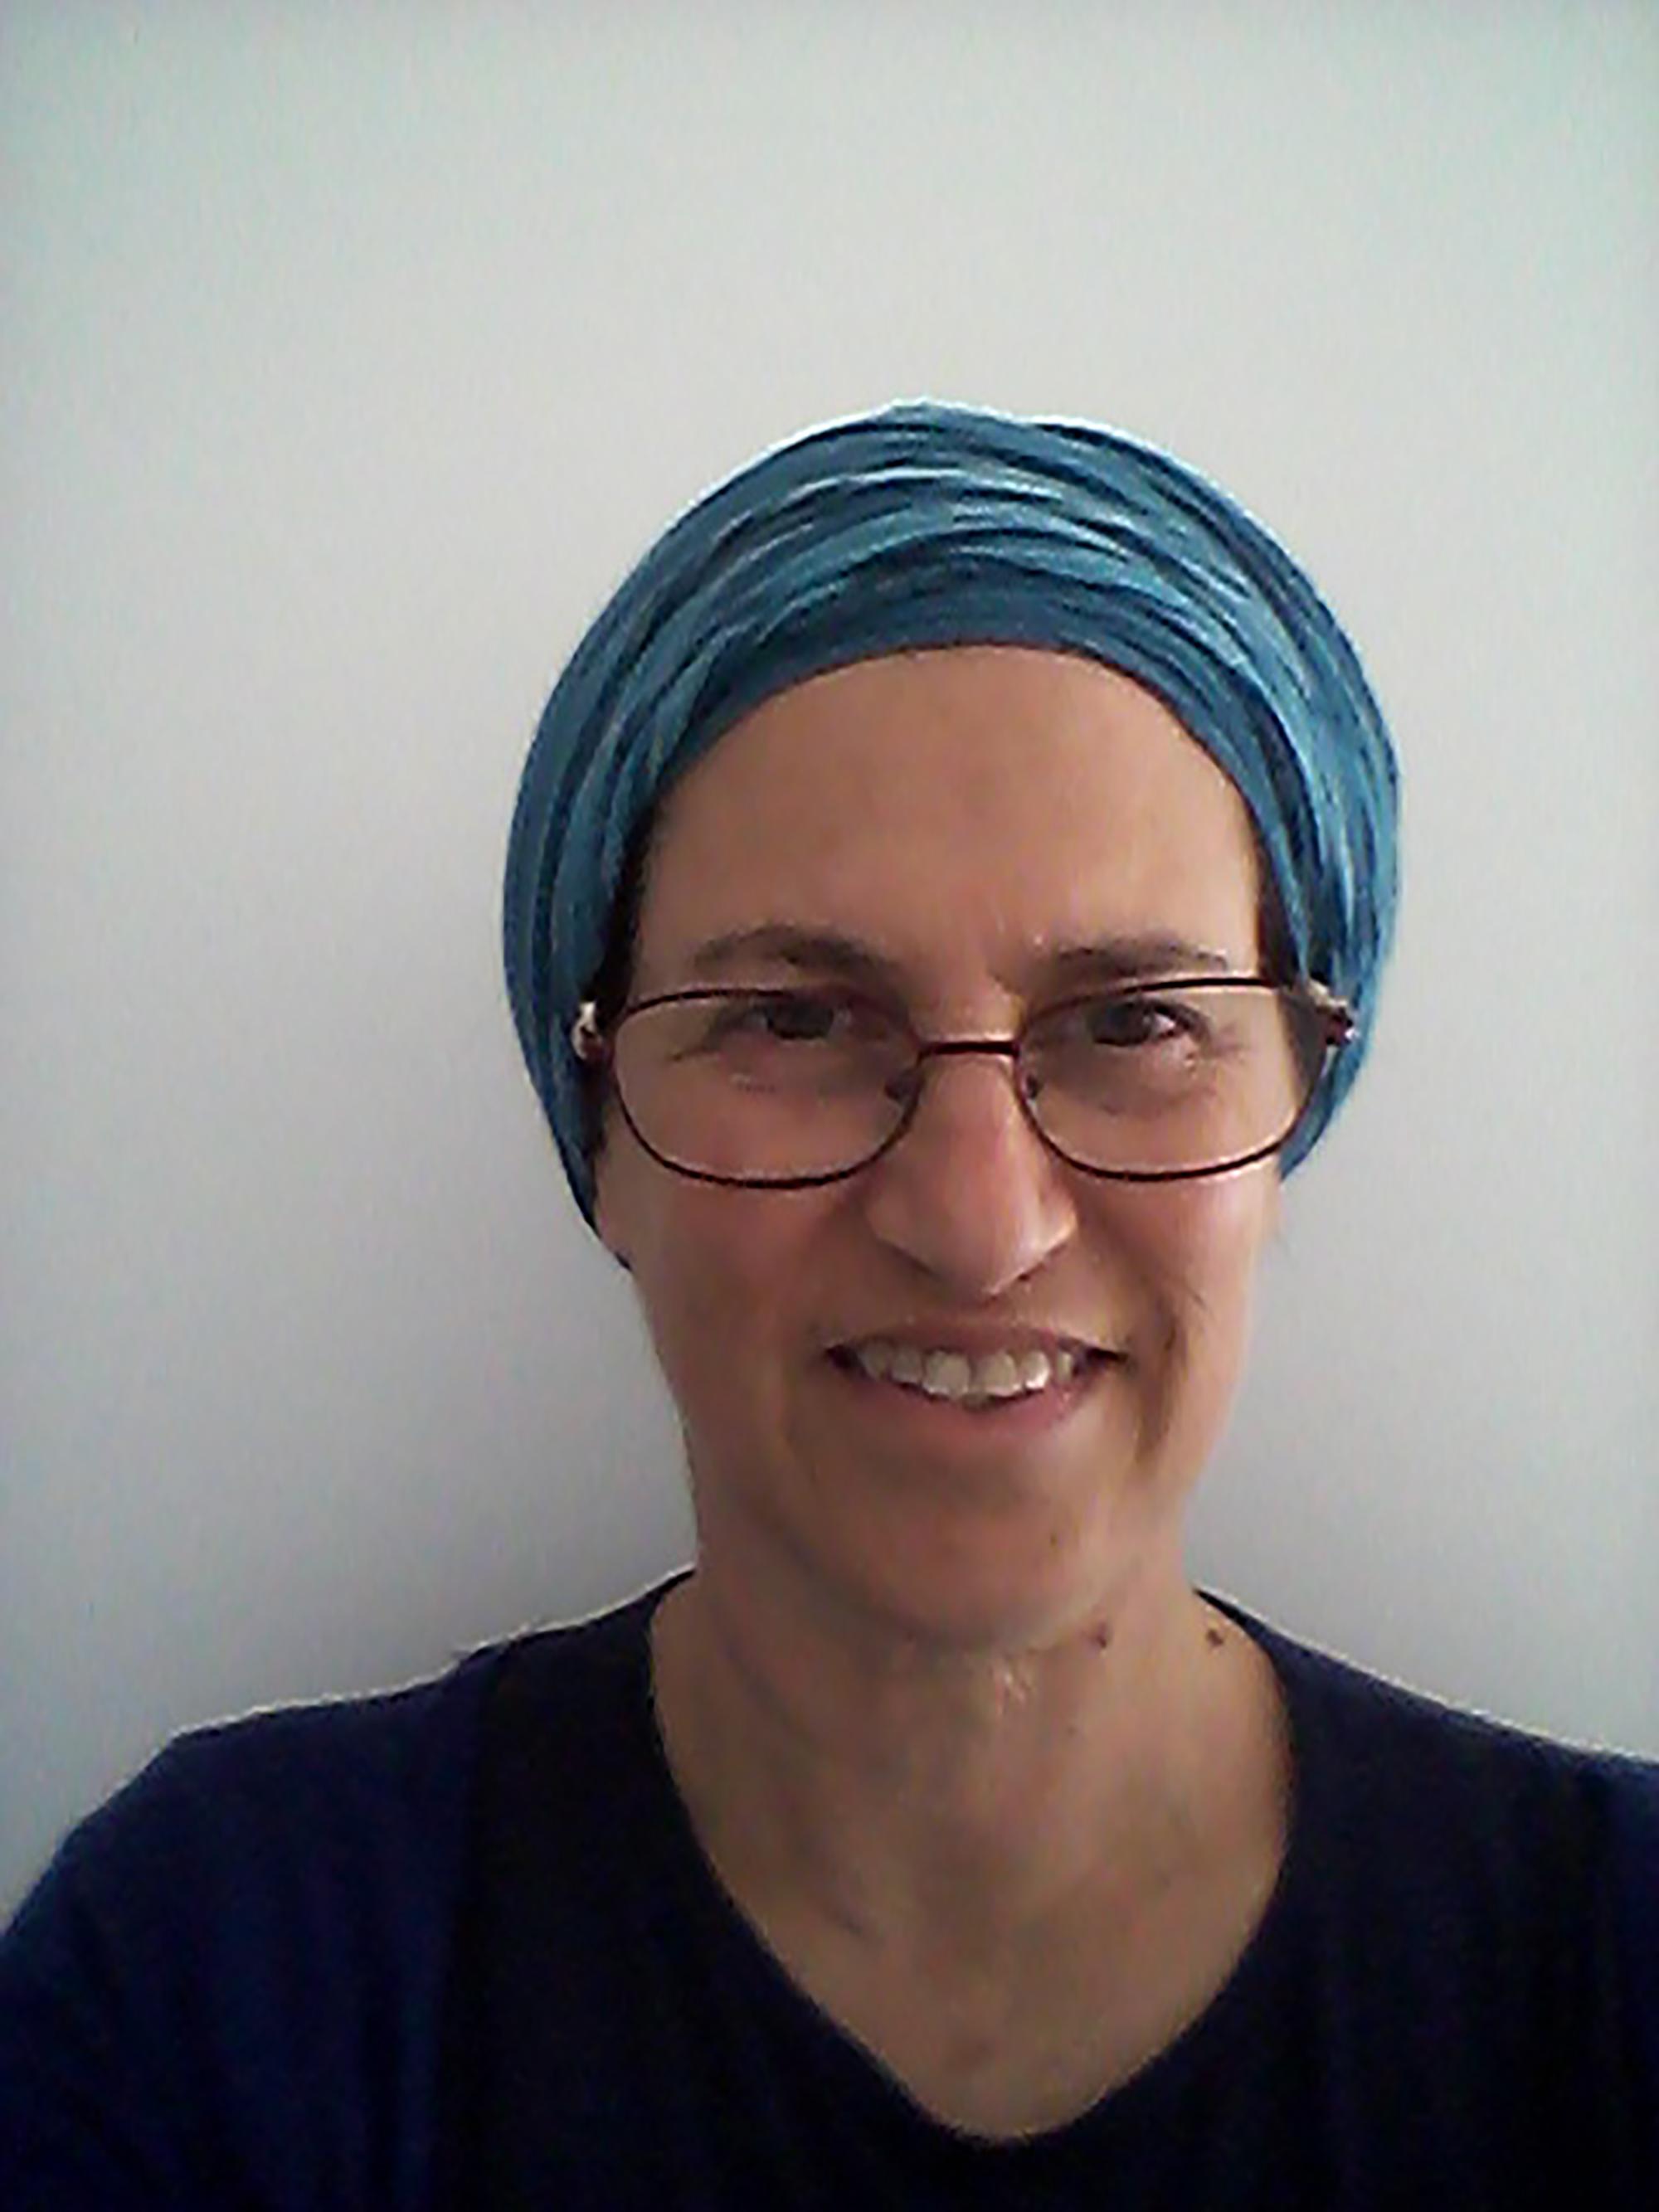 Dalia-Ruth Halperin